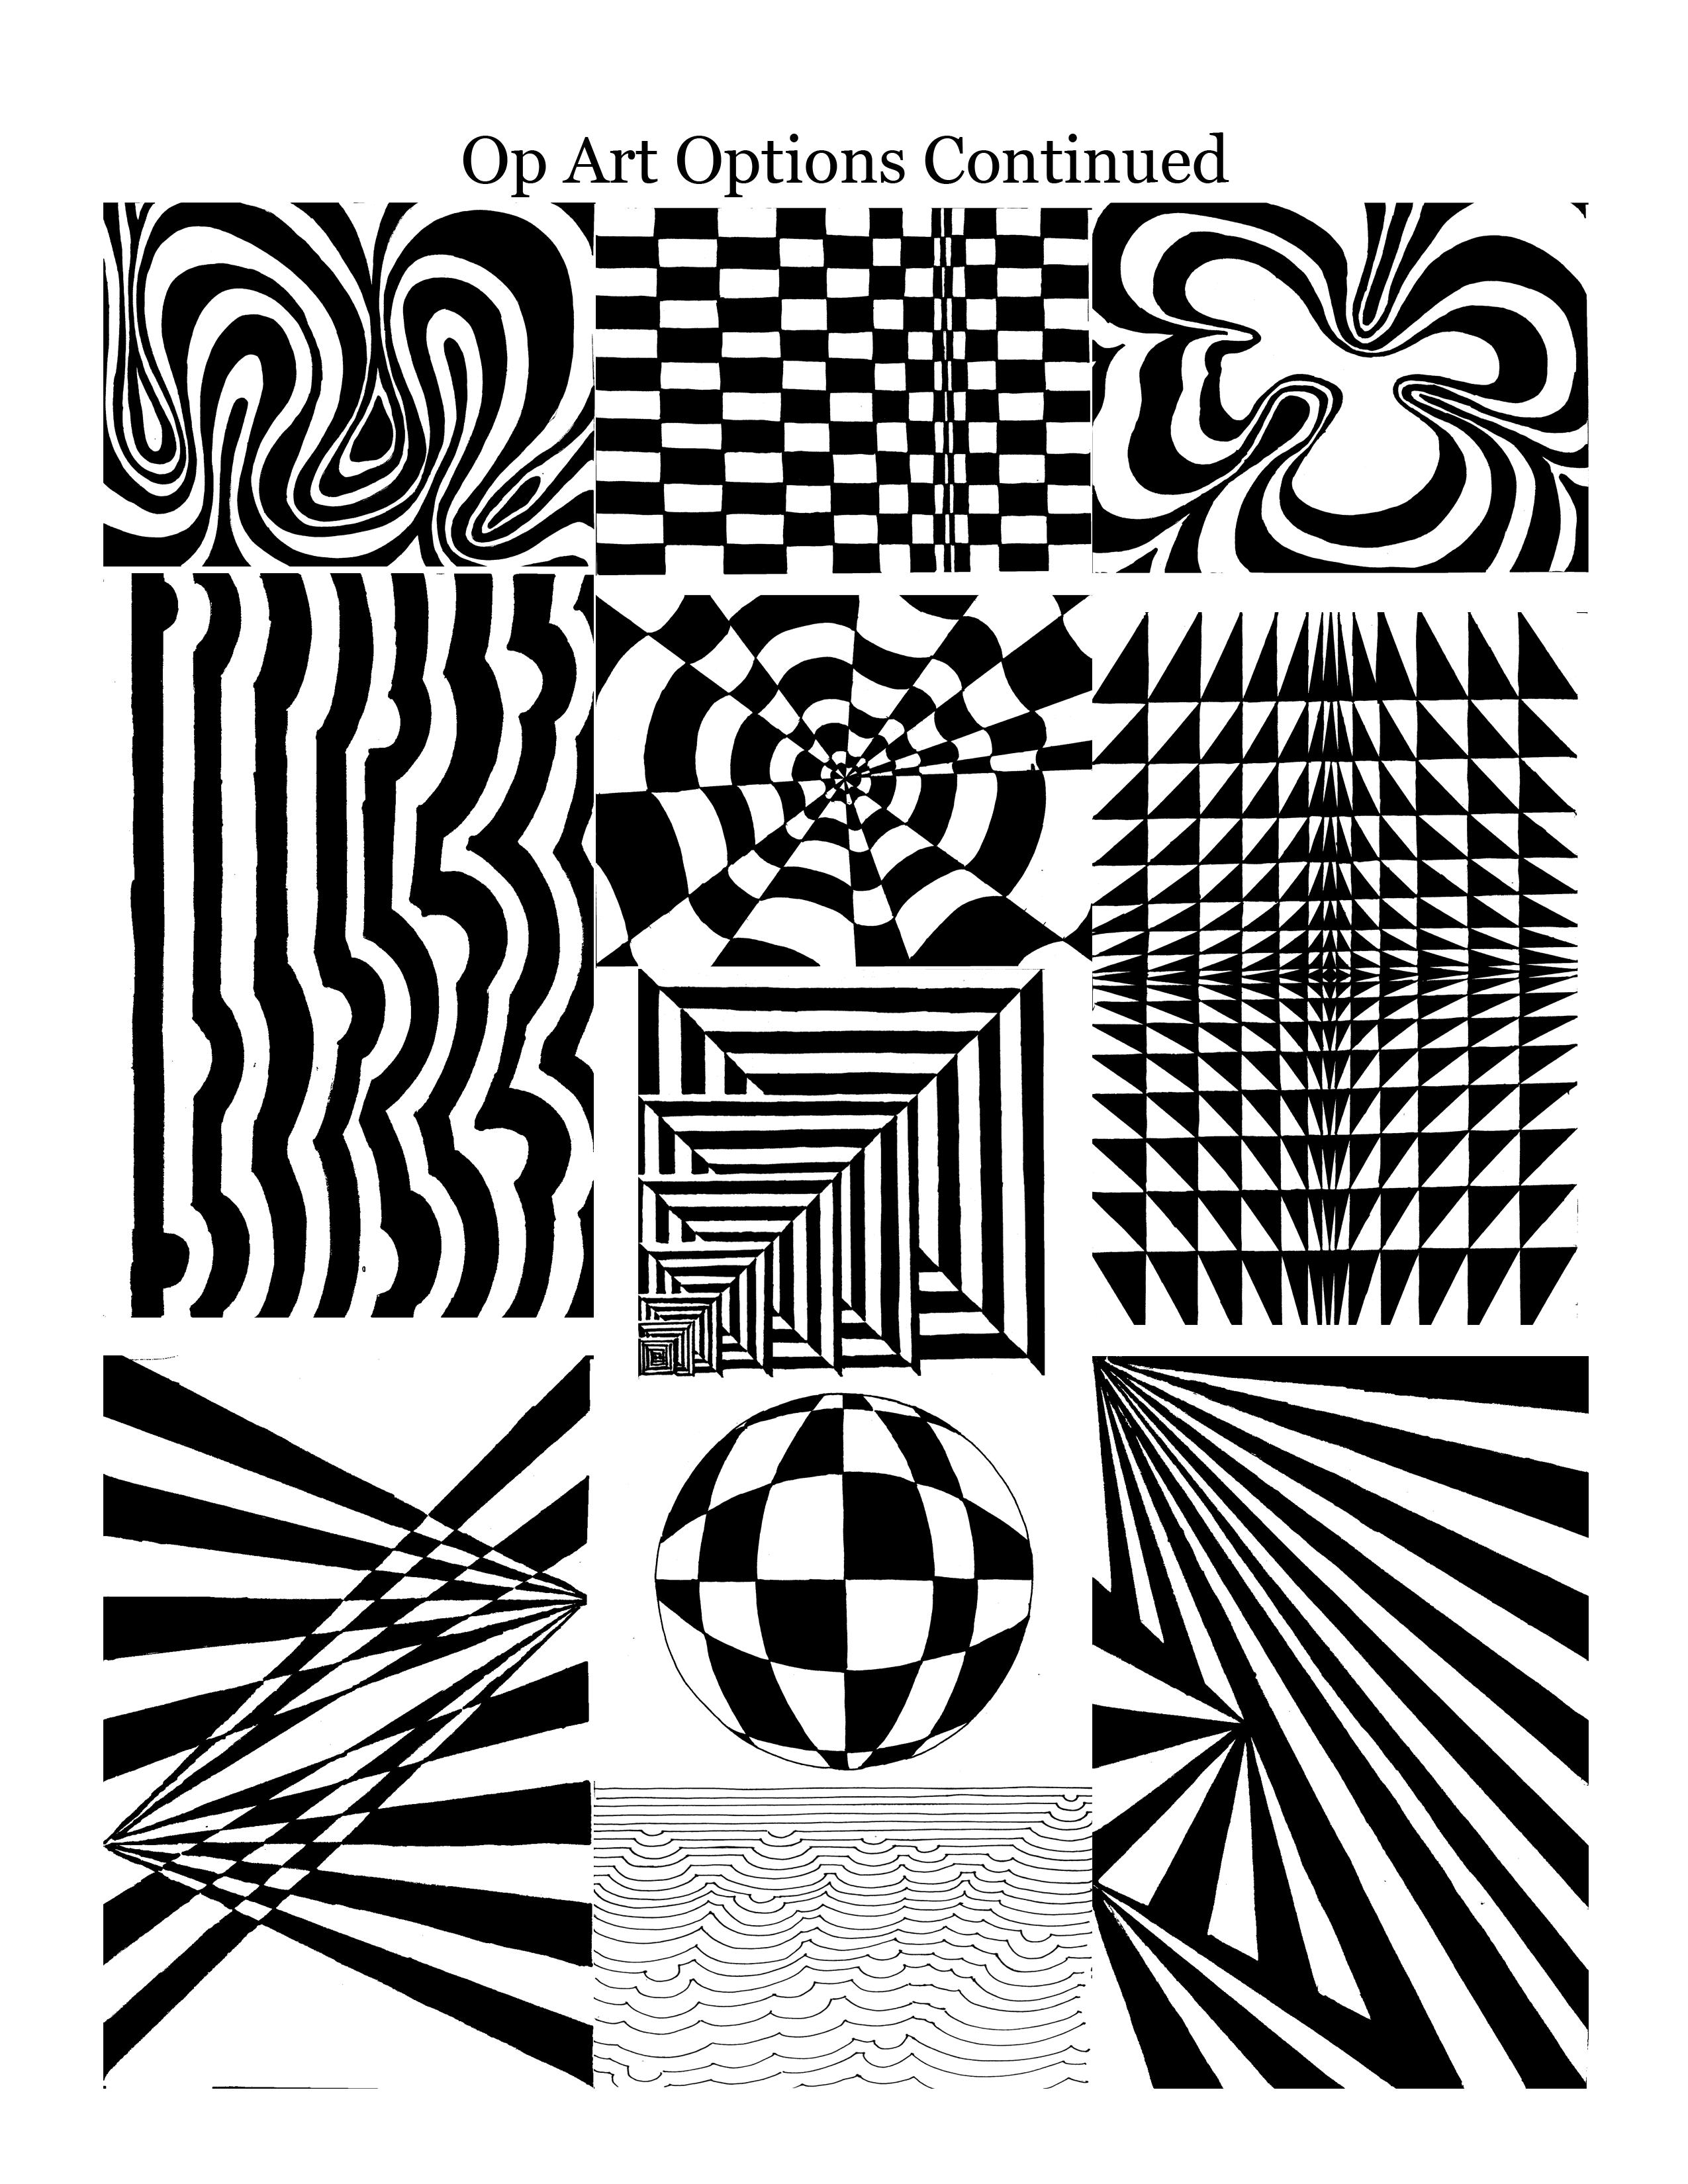 Worksheet Vertical Lines Op Art